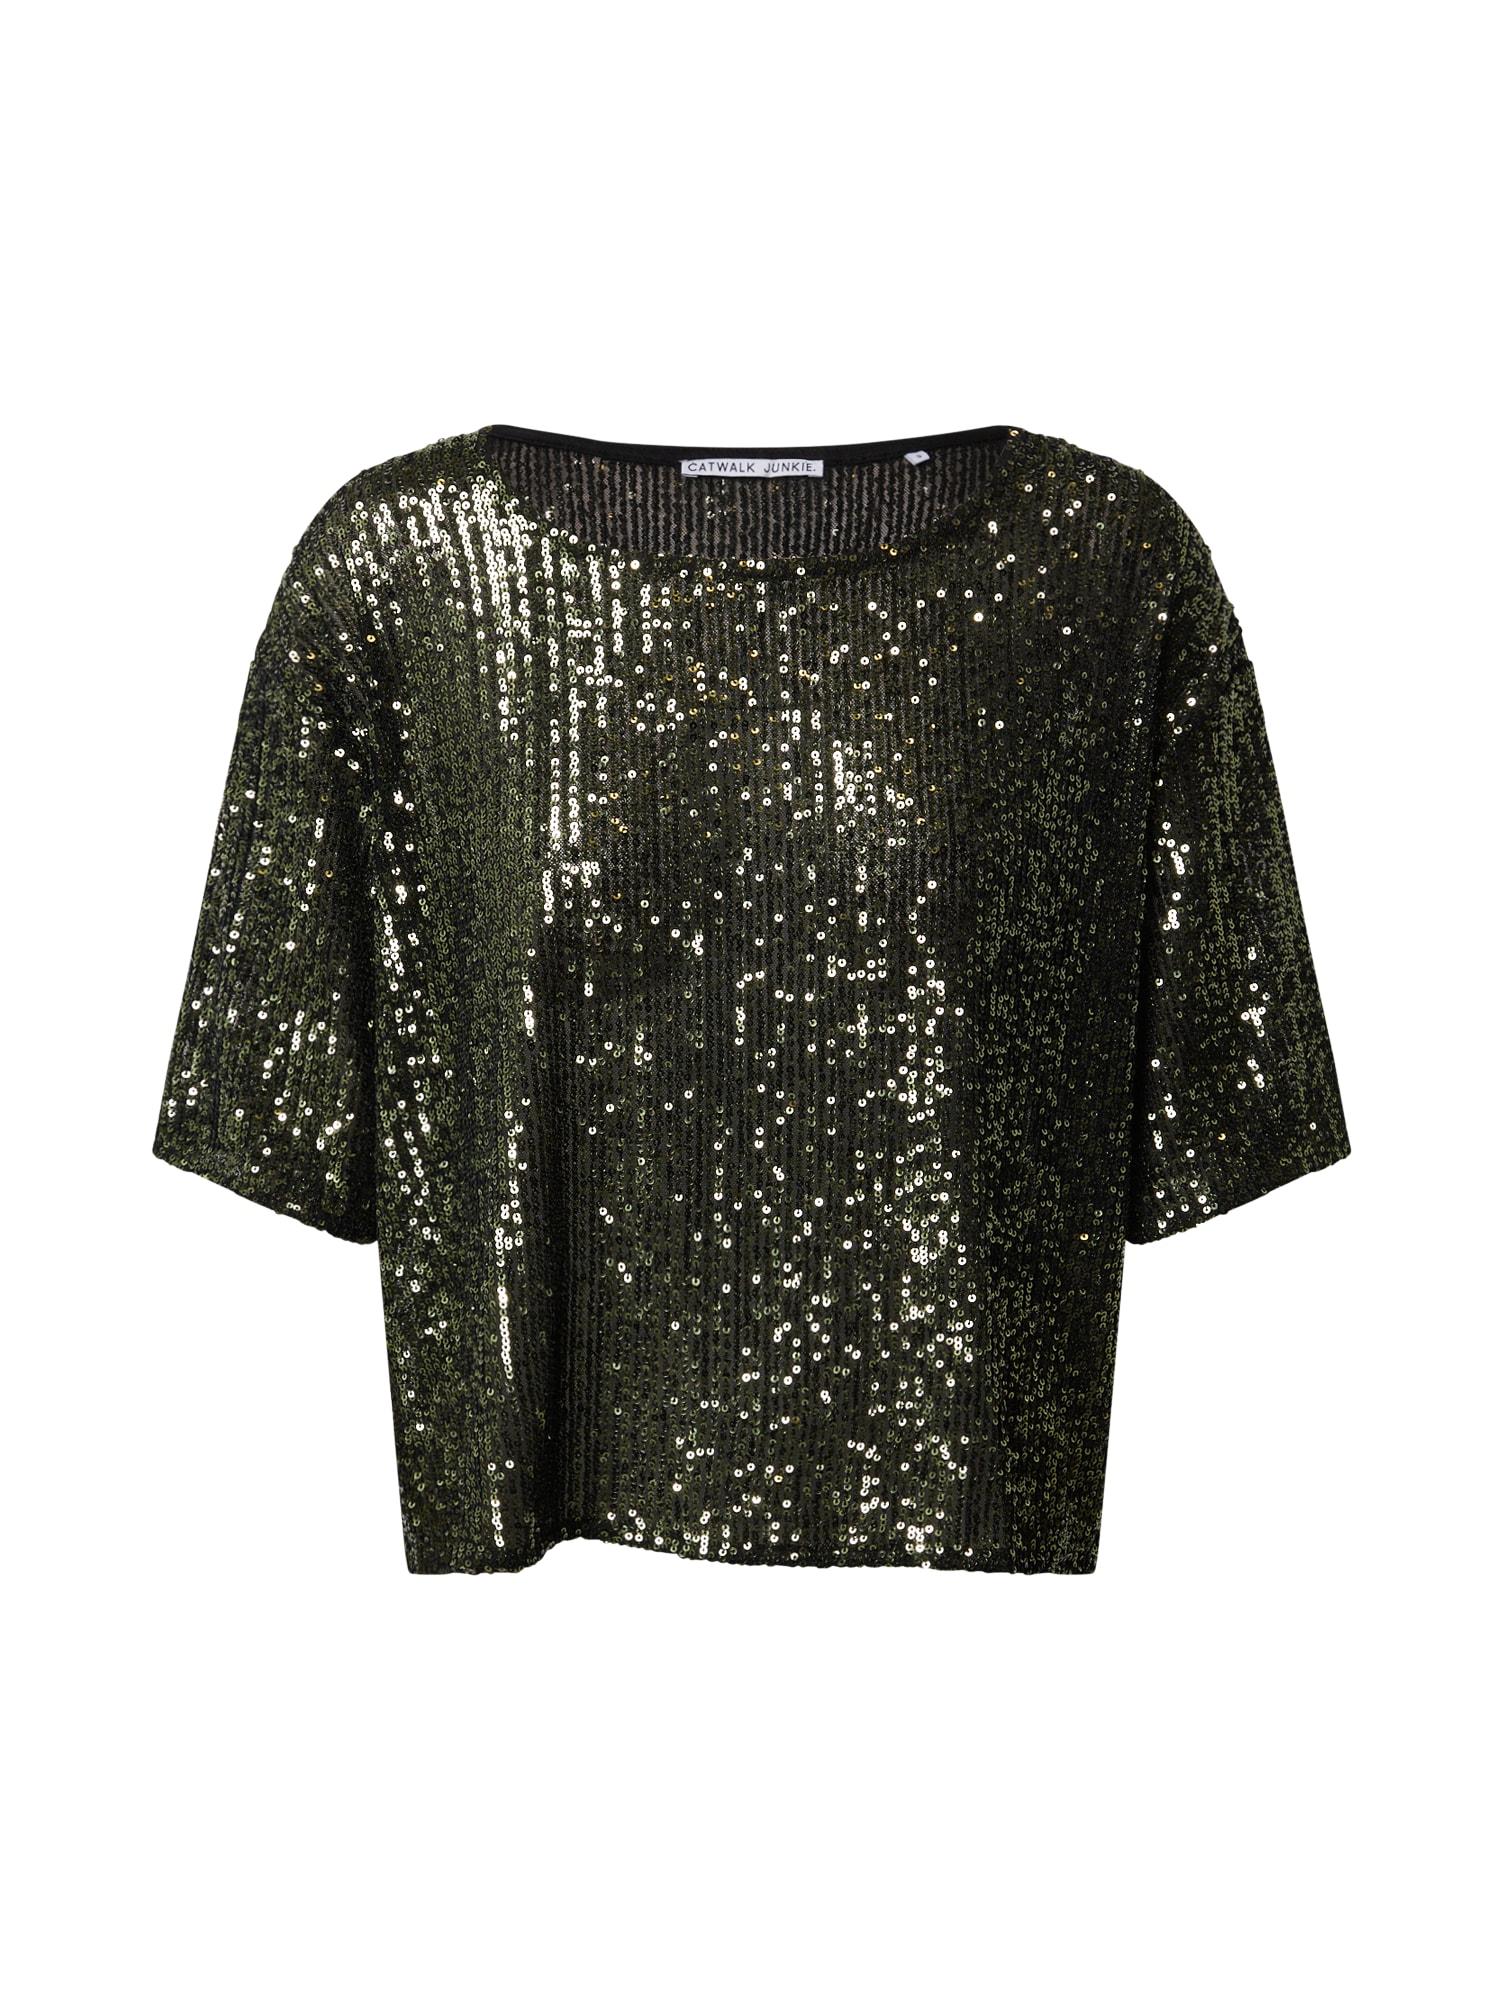 CATWALK JUNKIE Marškinėliai žalia